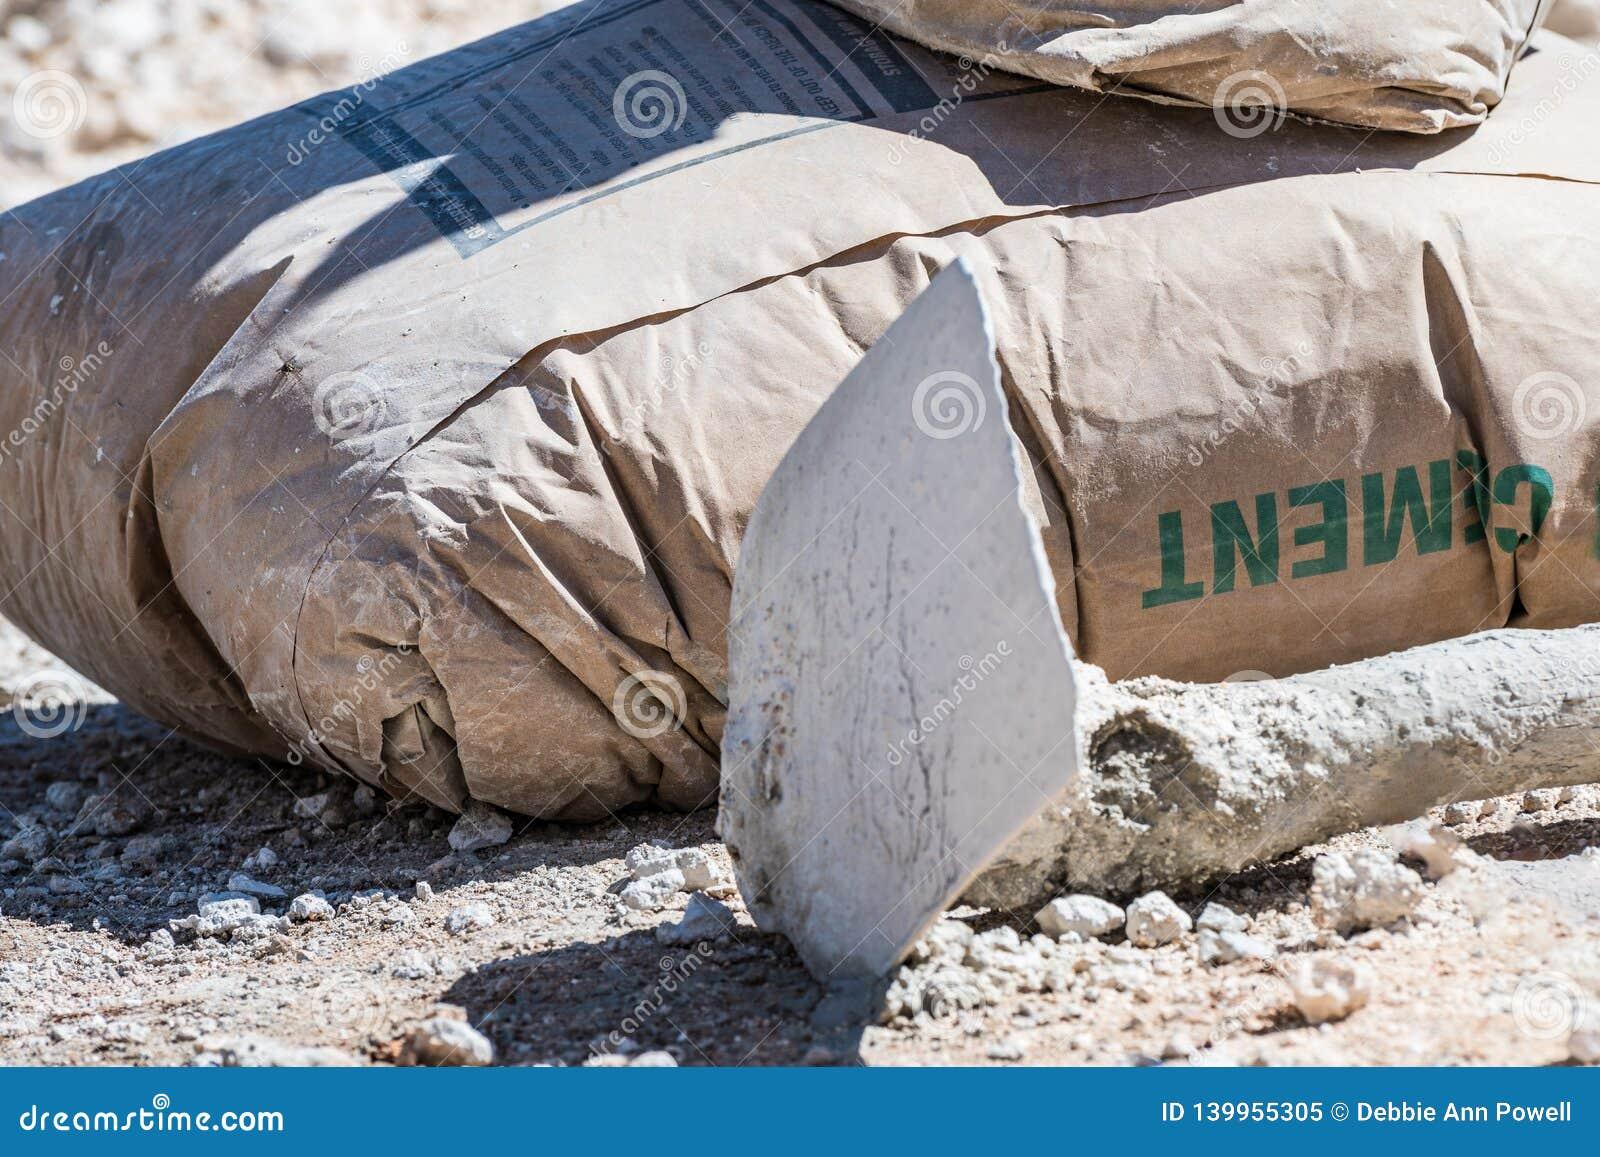 Bolso marrón cerrado del cemento y una azada en la tierra